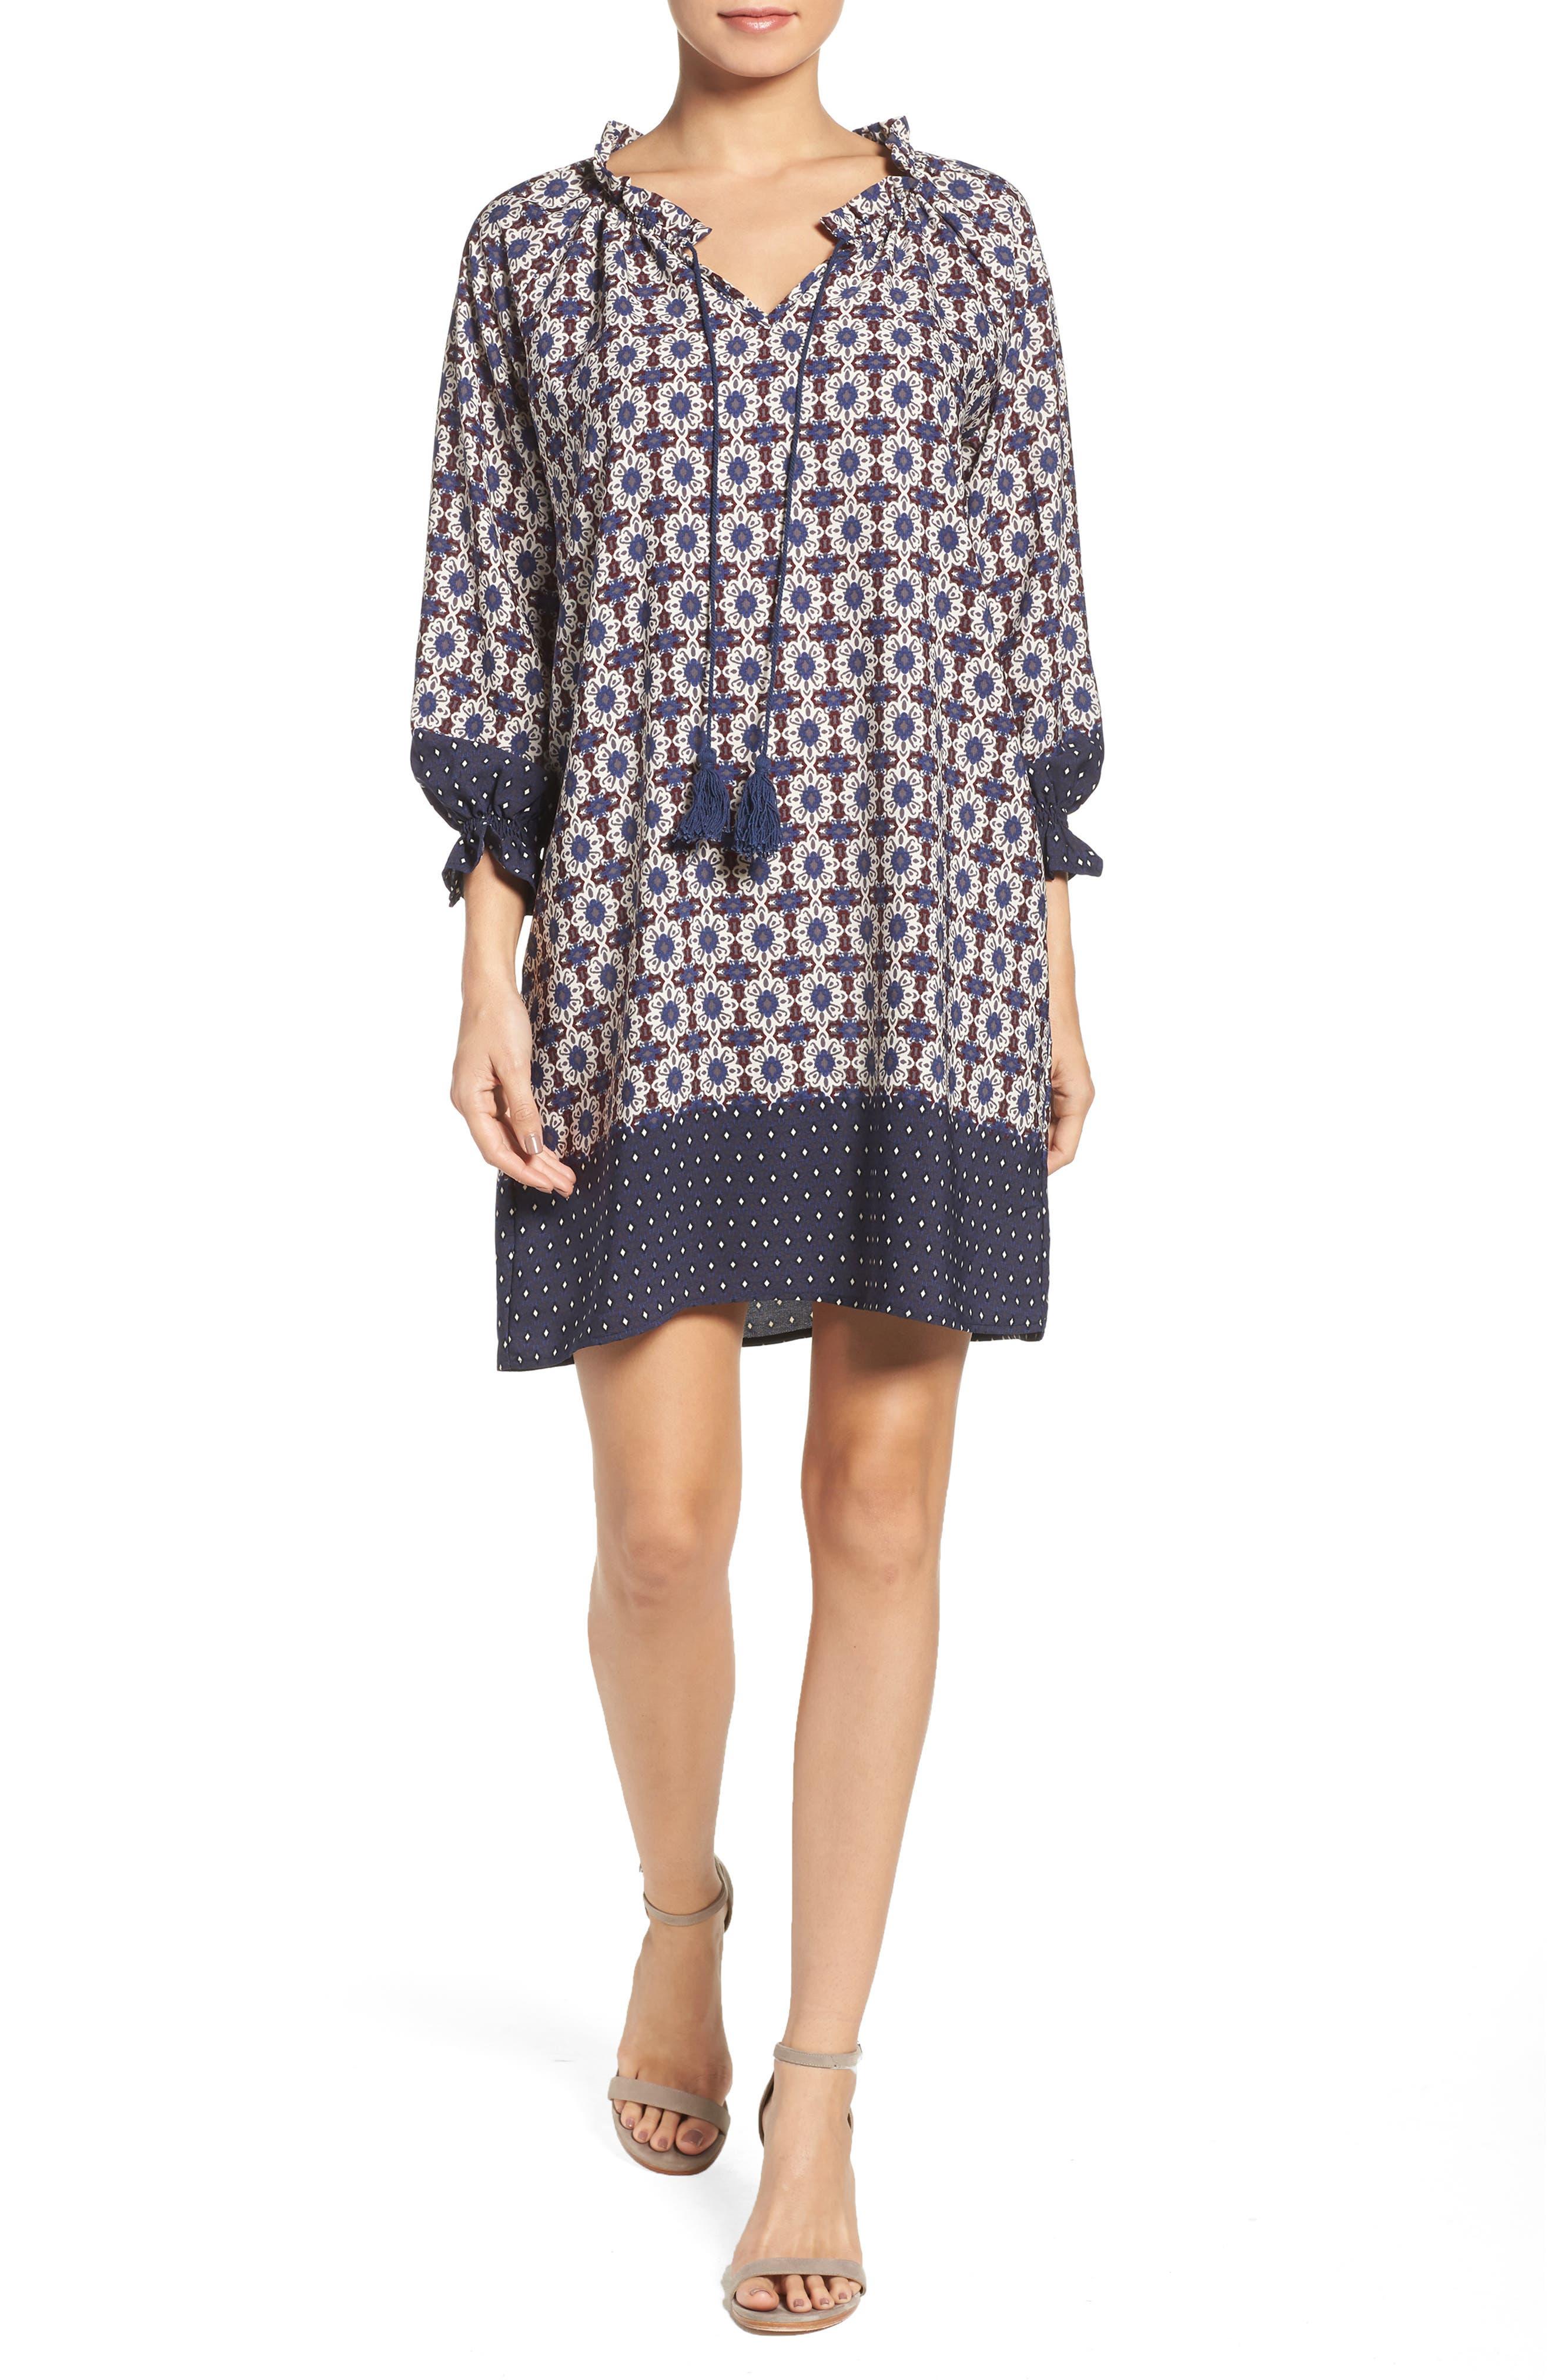 Catella Tunic Dress,                             Alternate thumbnail 2, color,                             410